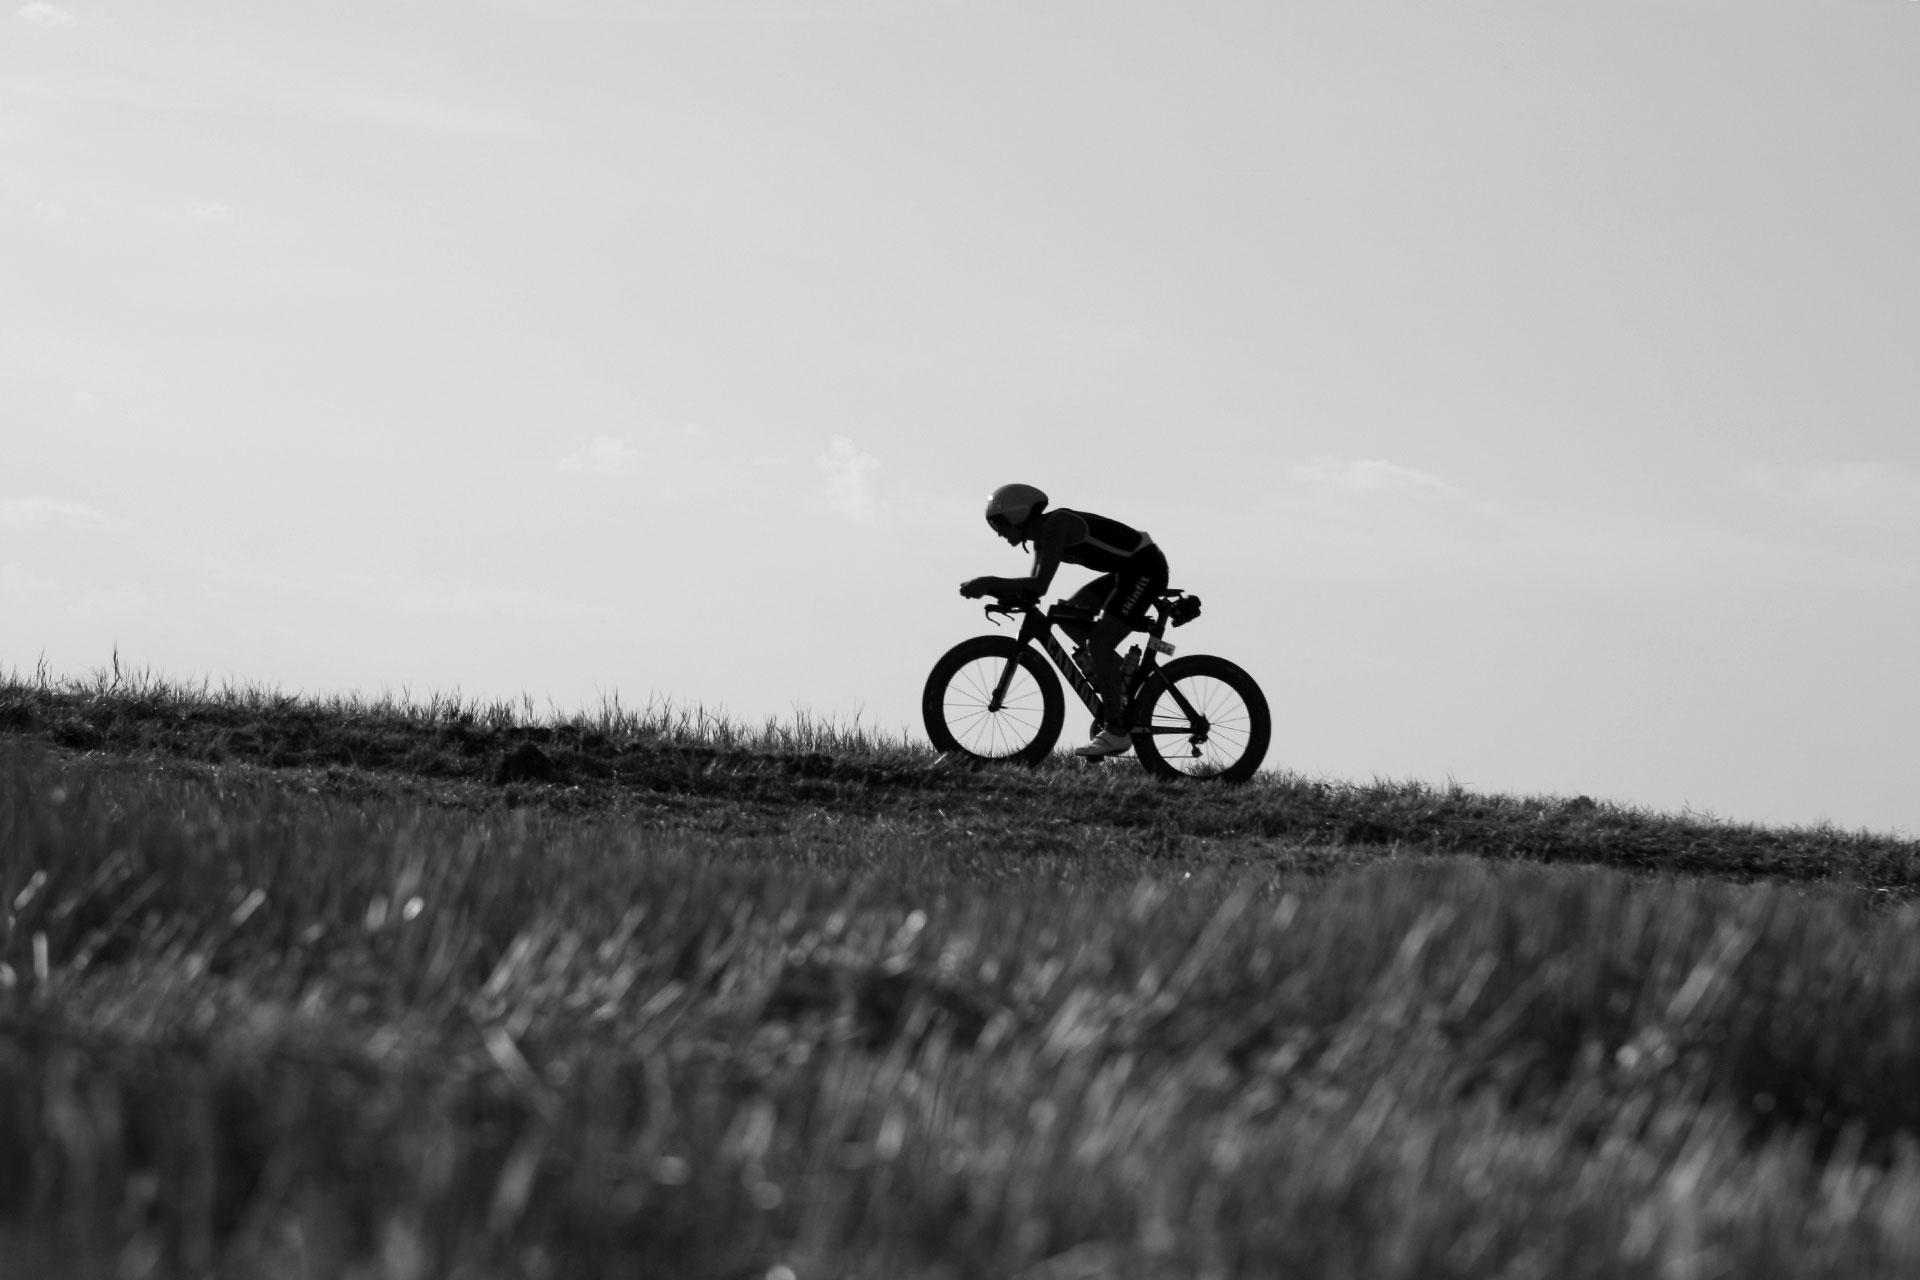 IRONMAN VICHY 2016 The Story: Scherenschitt – fast hundert Höhenmeter sind im letzten Drittel der Radrunde zu überwinden ©stefandrexl.de